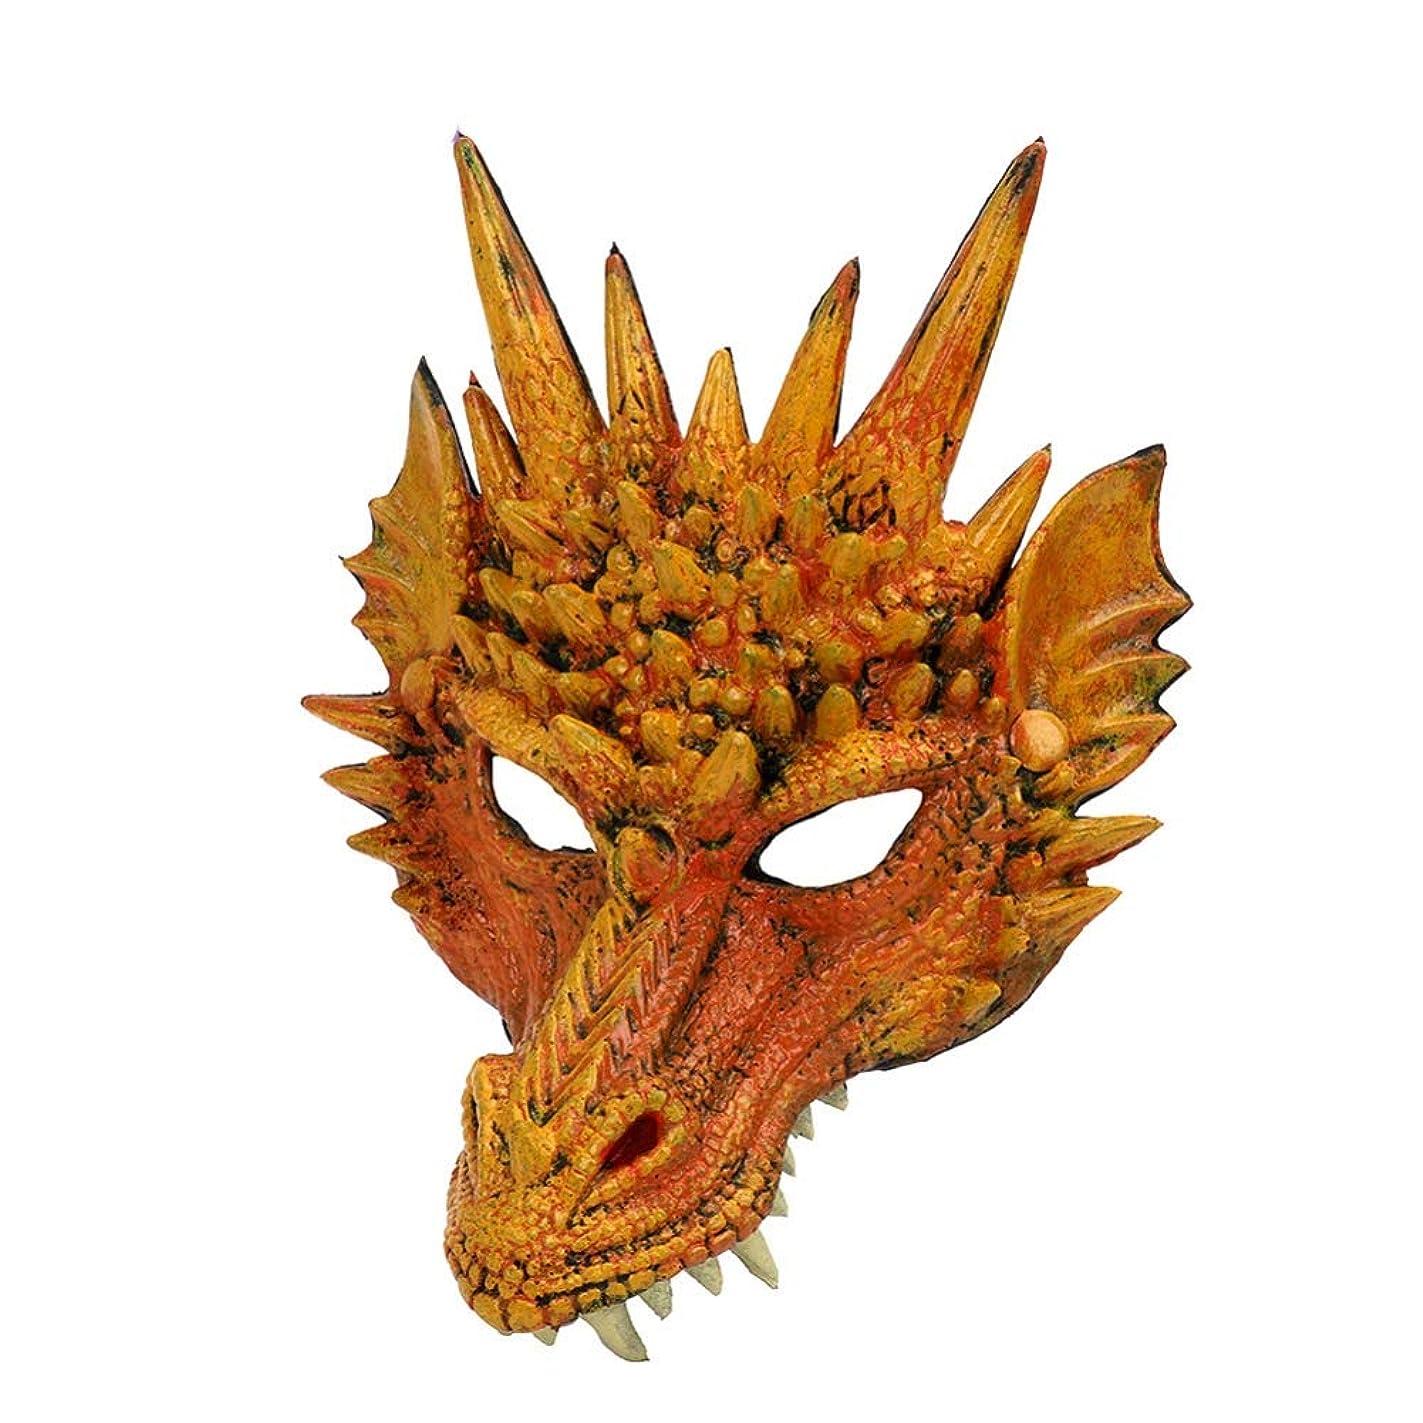 代わってすずめ誕生Esolom 4Dドラゴンマスク ハーフマスク 10代の子供のためのハロウィンコスチューム パーティーの装飾 テーマパーティー用品 ドラゴンコスプレ小道具